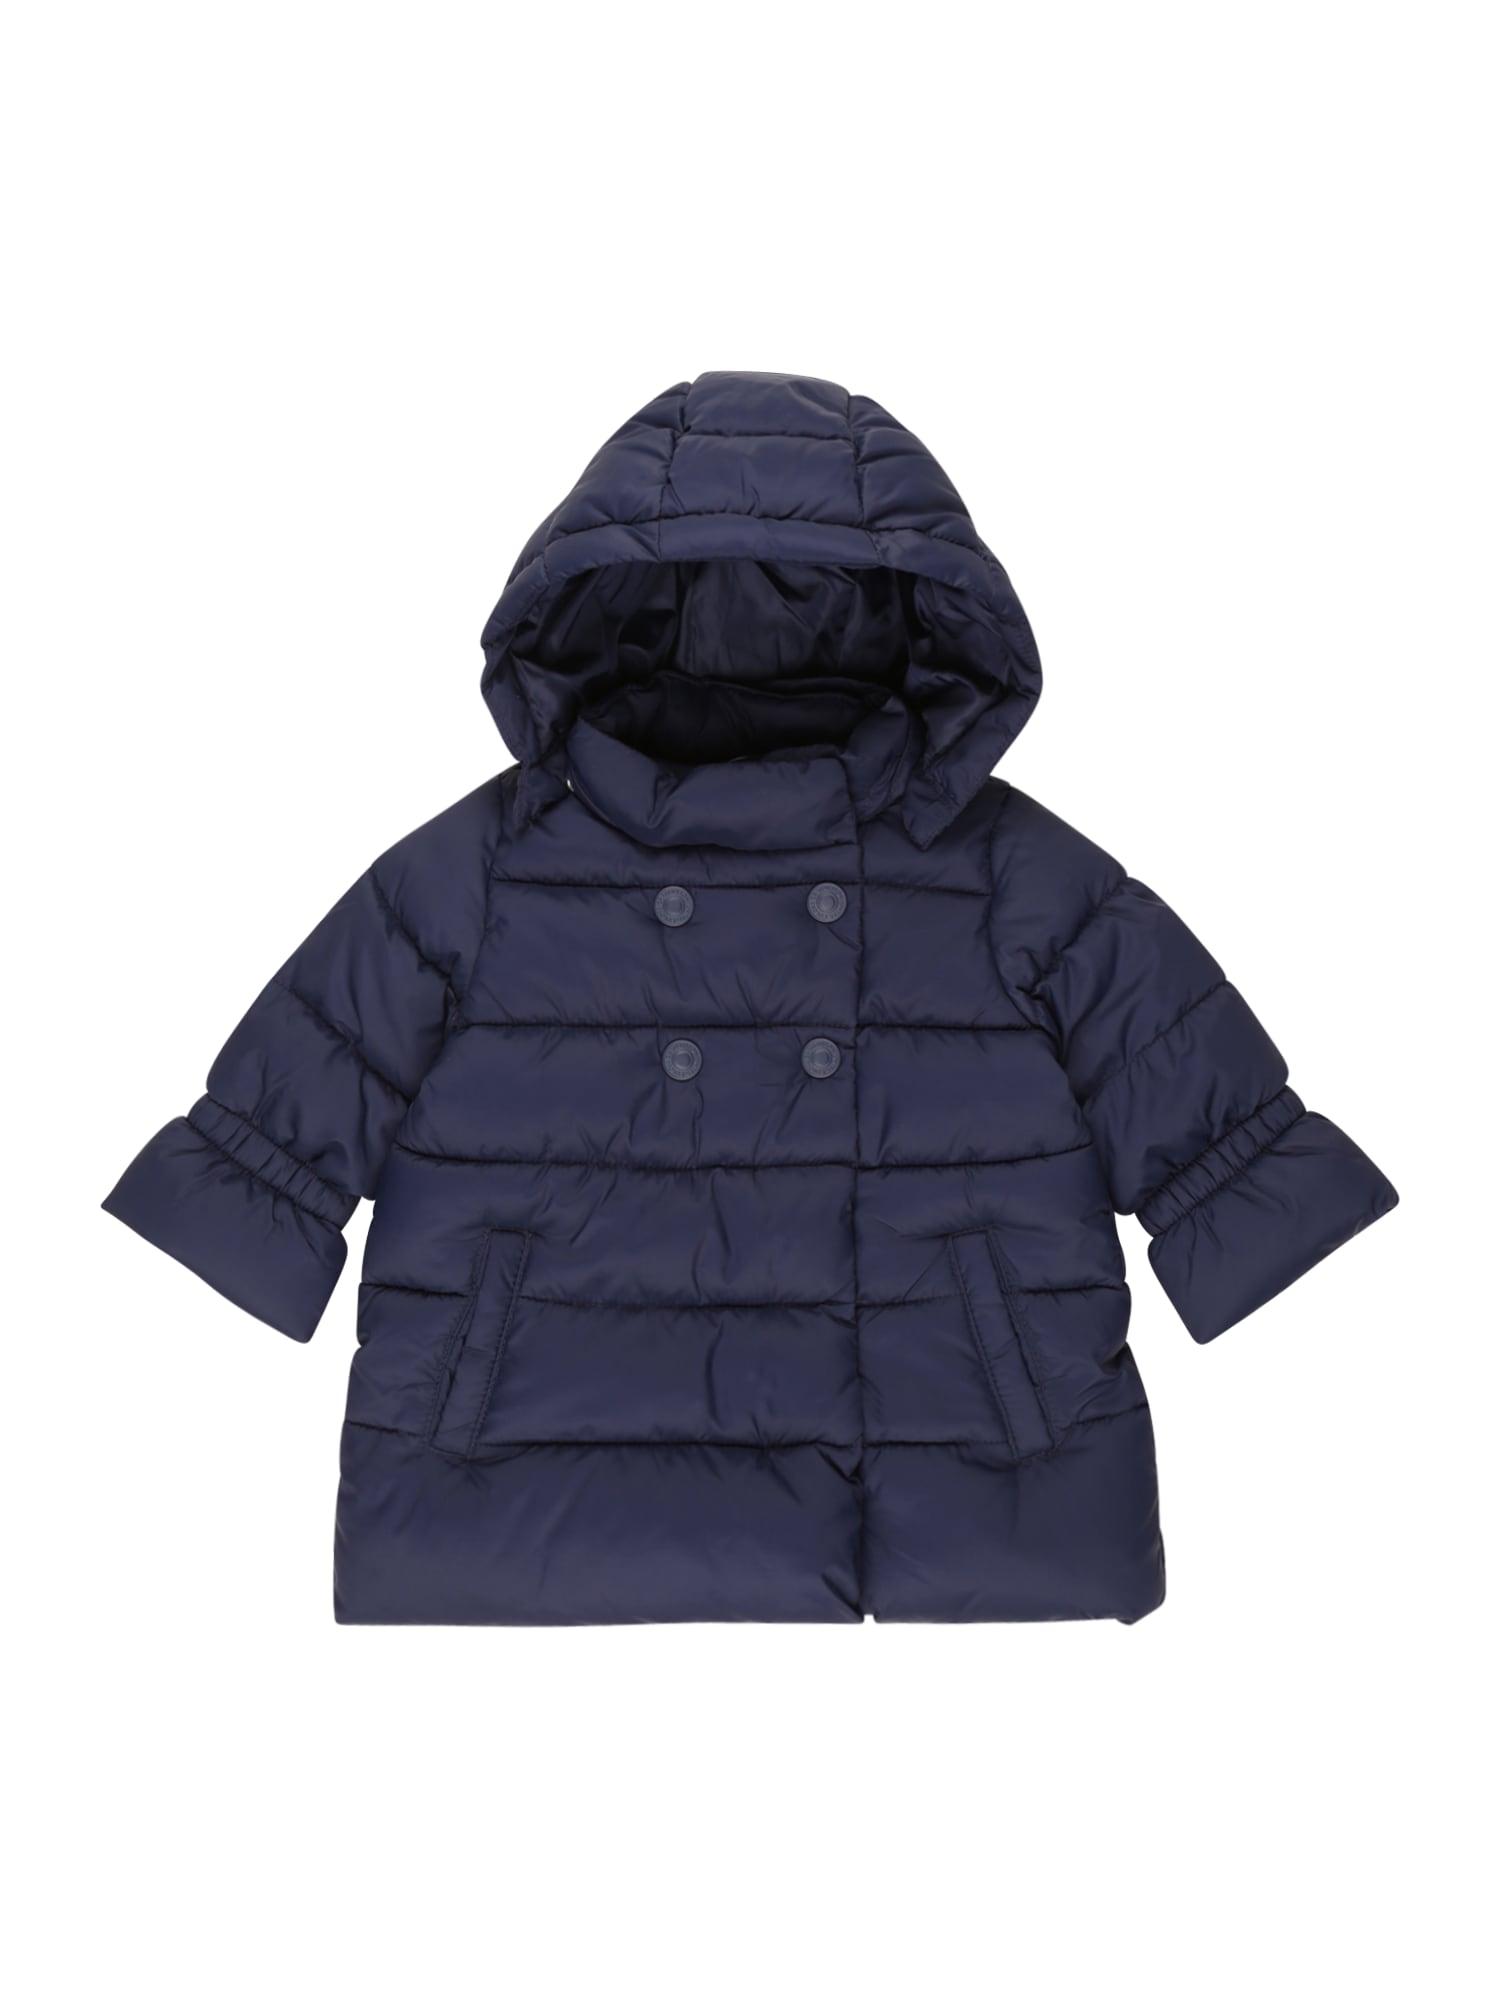 UNITED COLORS OF BENETTON Zimní bunda 'HEAVY'  námořnická modř